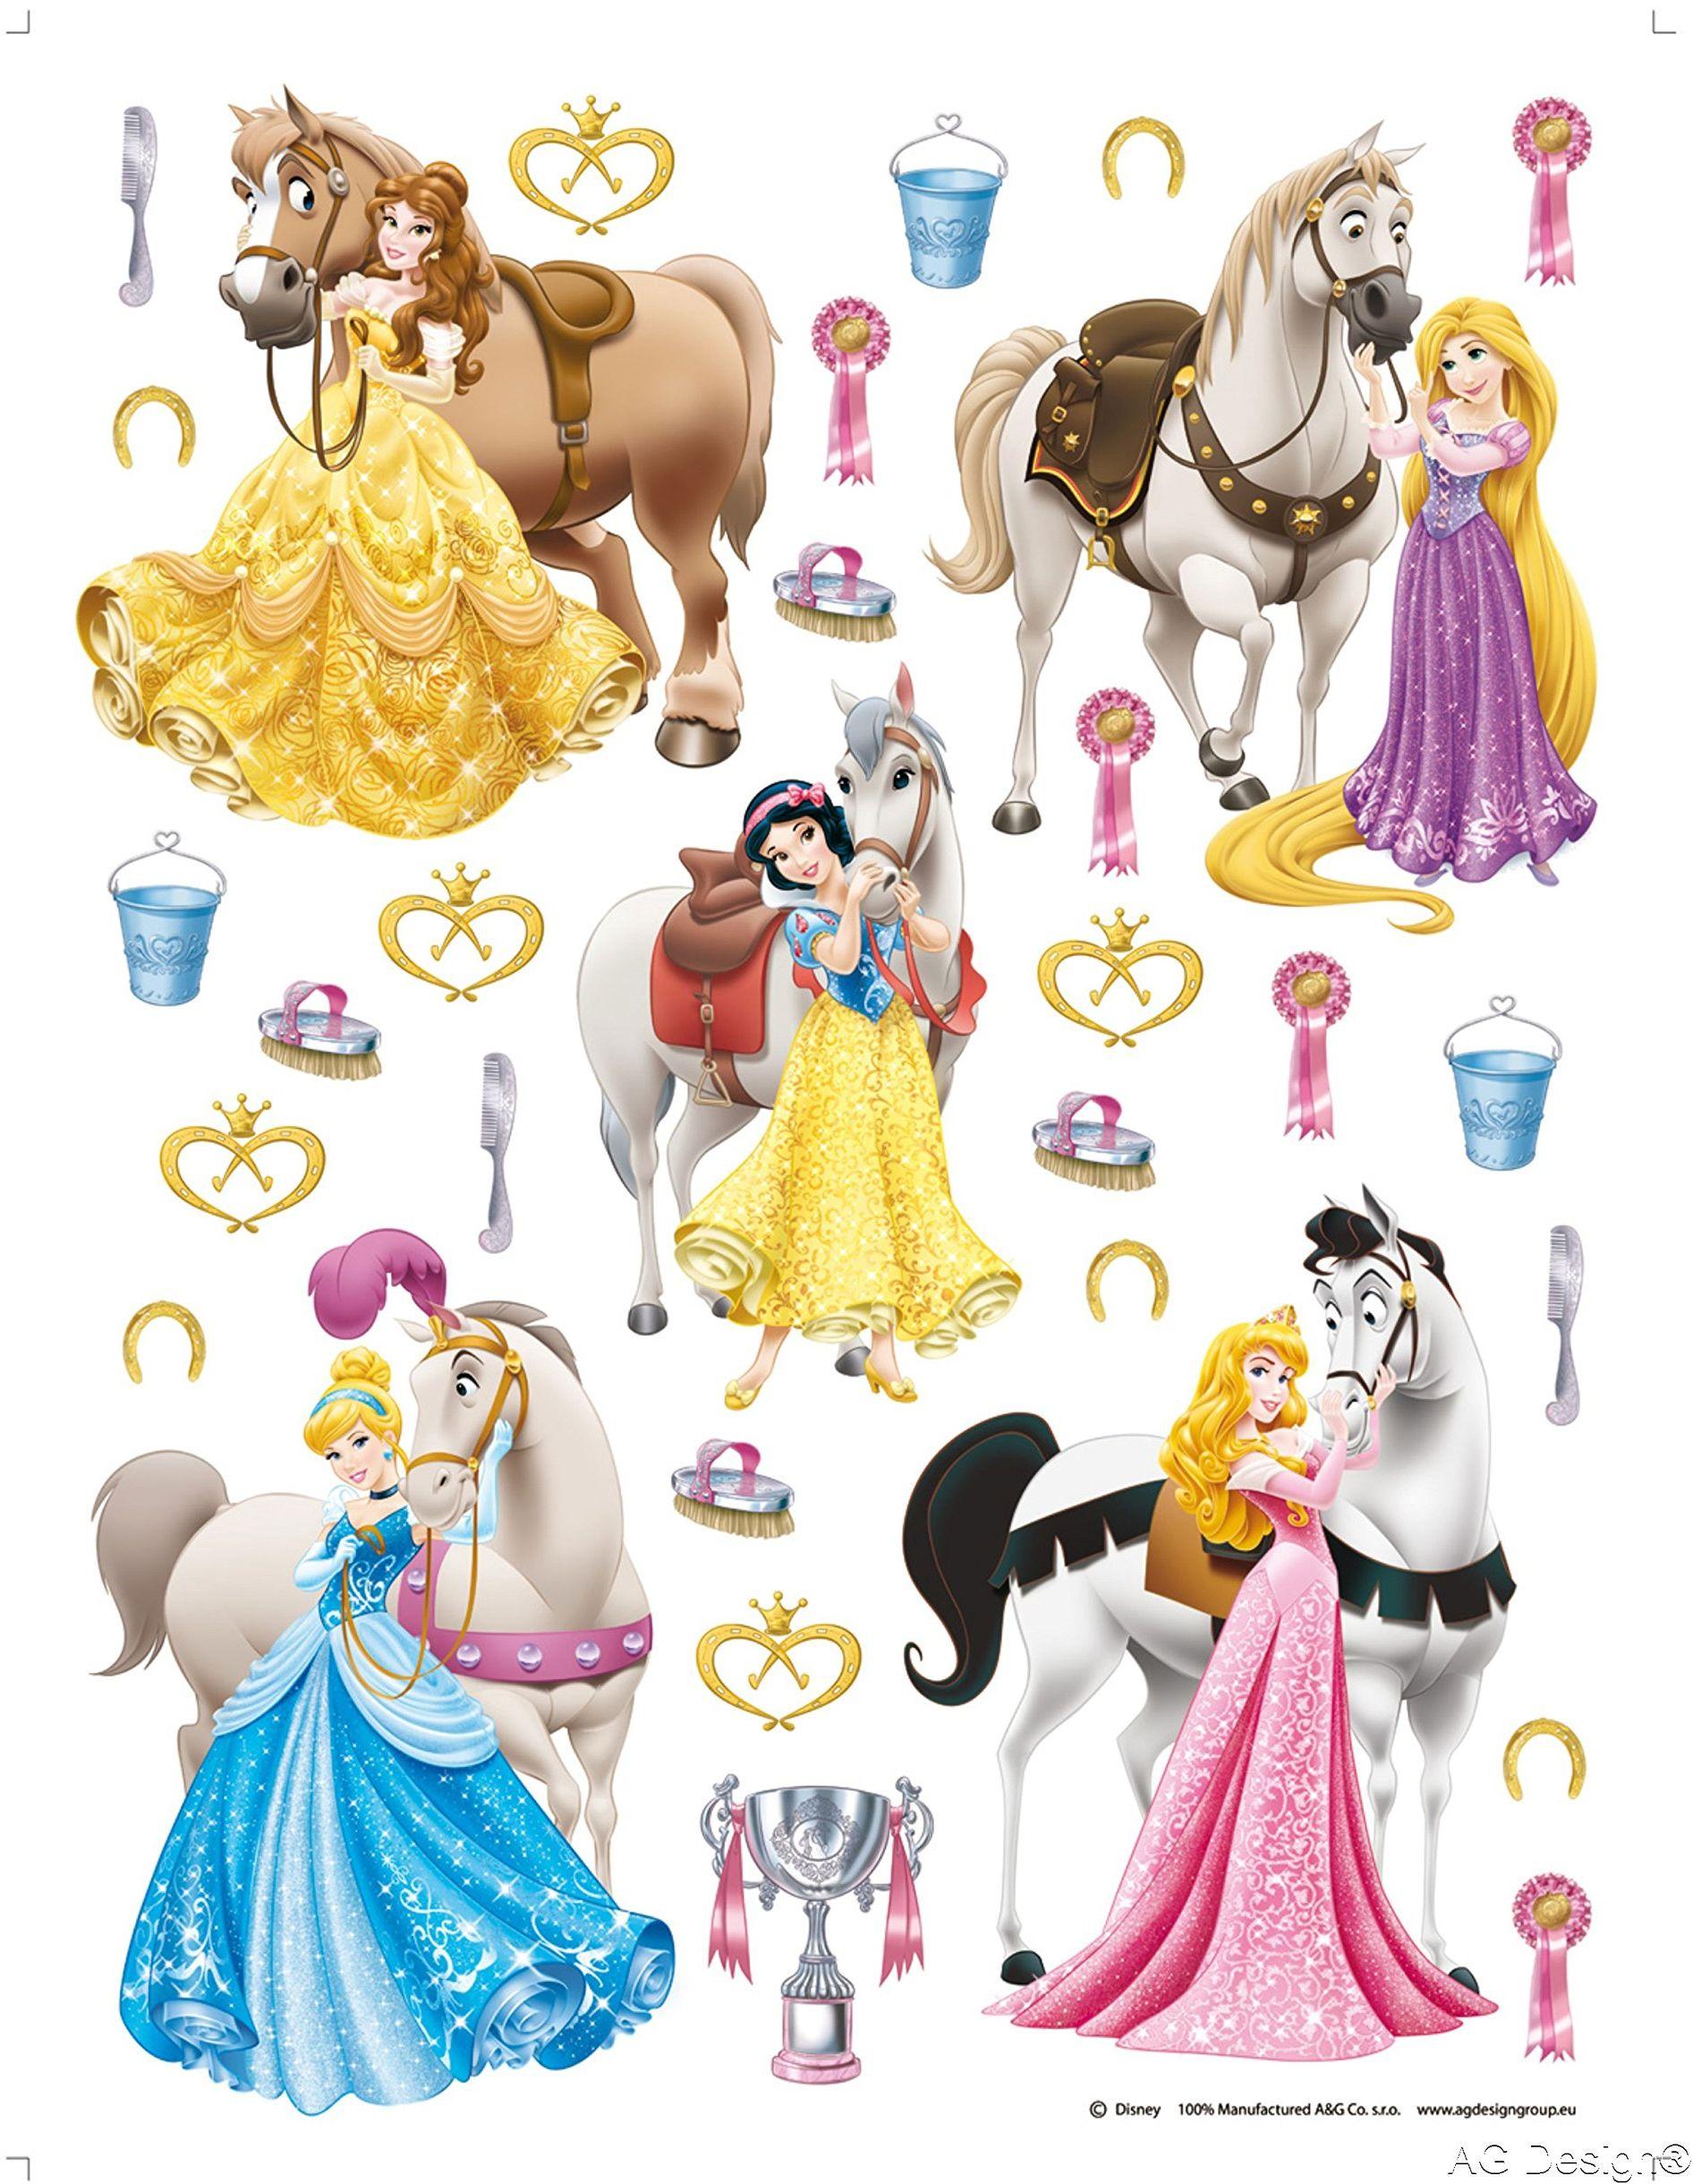 Naklejka ścienna DK 1773 Disney Princess księżniczka